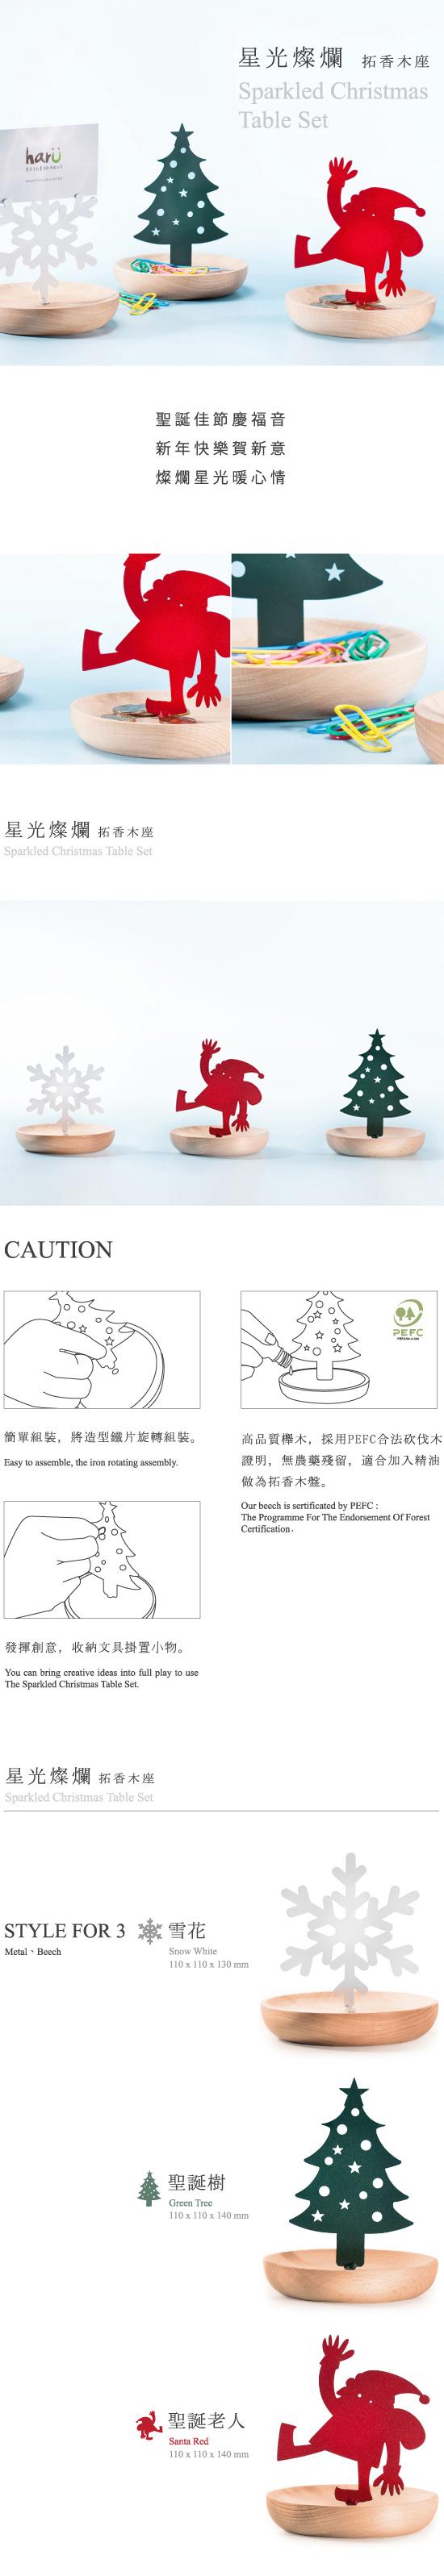 Fold & Plait 星光燦爛 拓香木座 聖誕老人